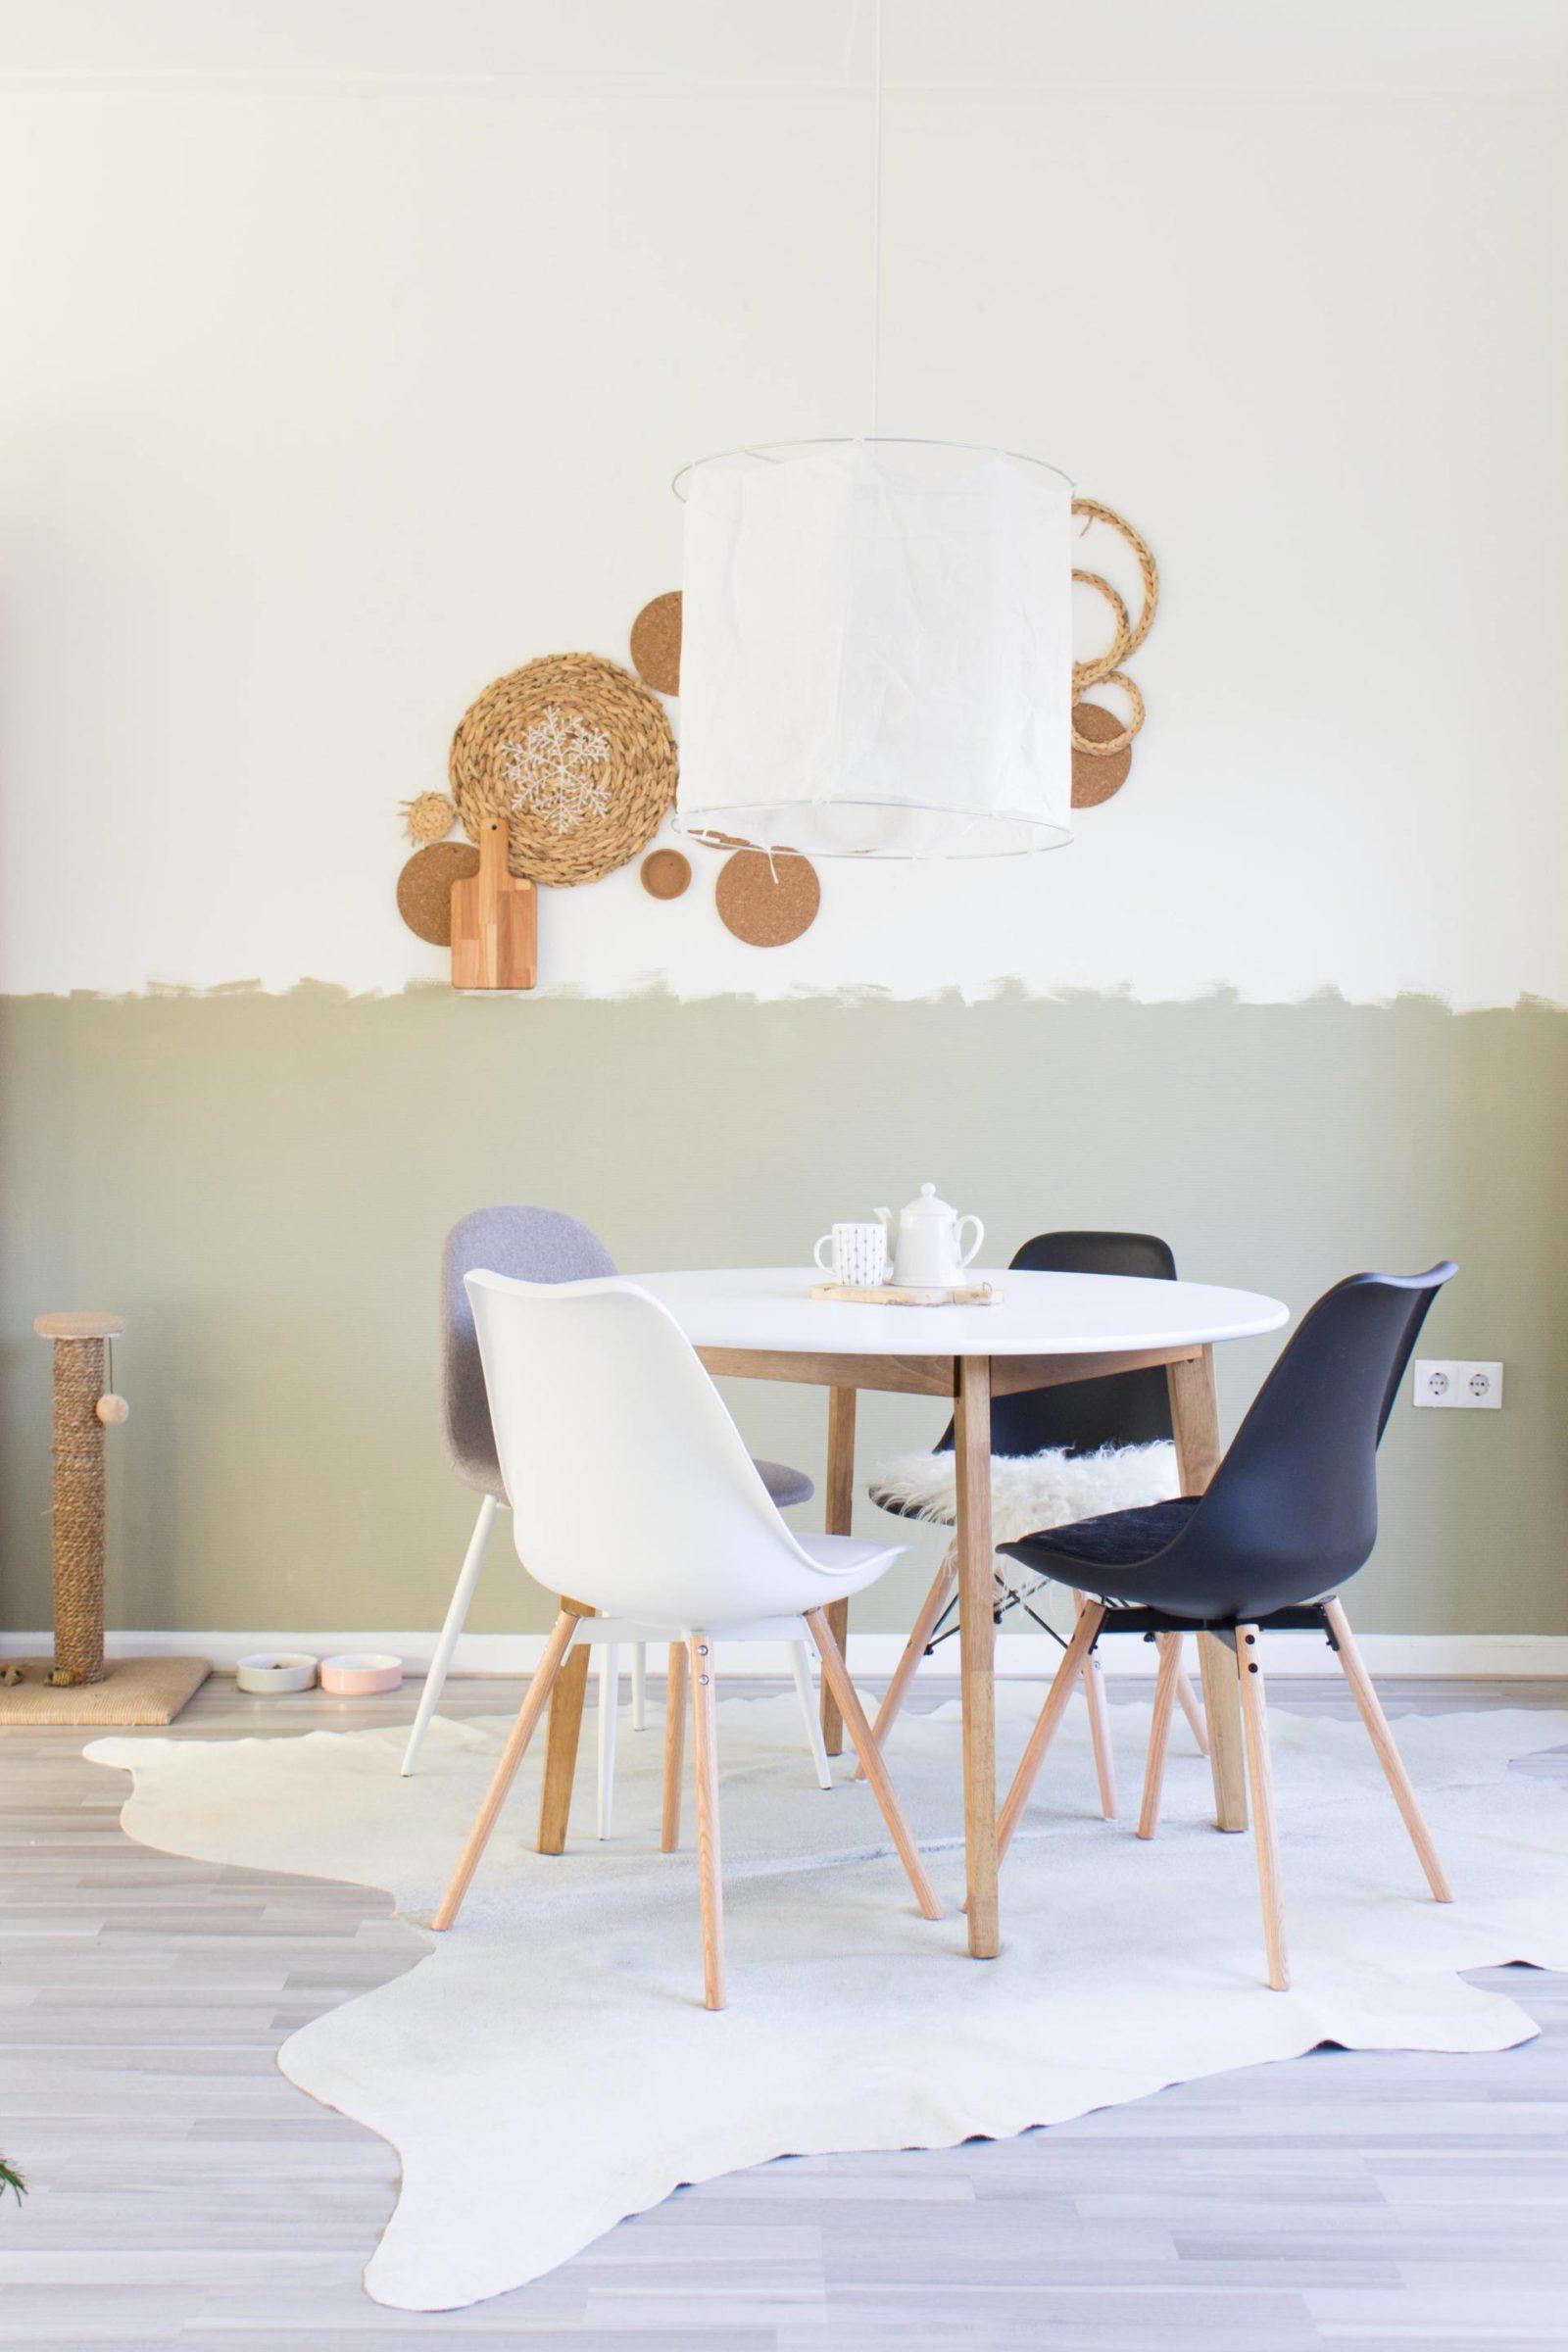 Ronde Tafel Scandinavisch Design.Tips Voor Een Scandinavische Eethoek Juudithhome Interieur Styling